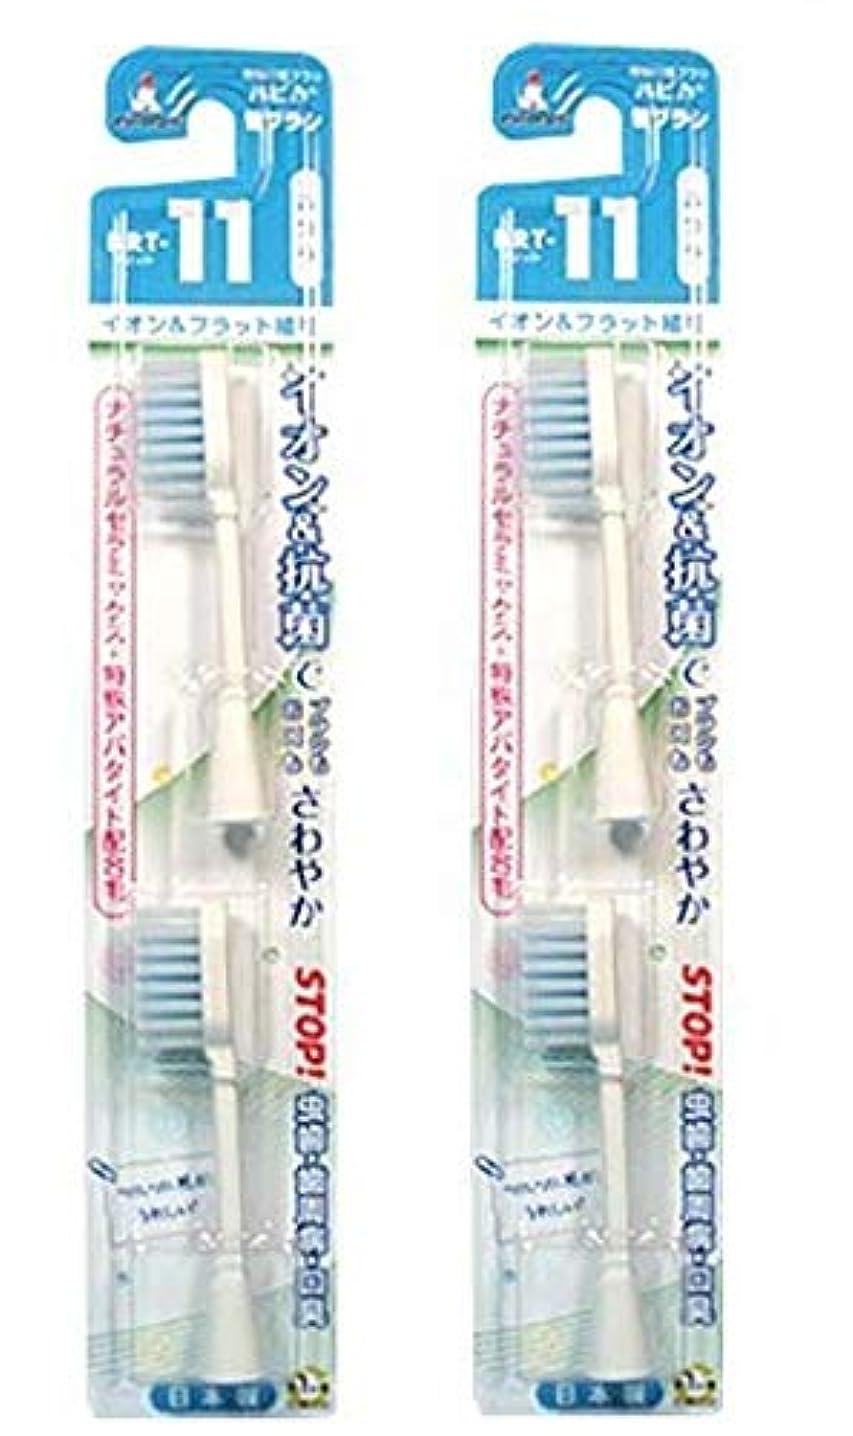 カード蒸競争電動歯ブラシ ハピカ専用替ブラシふつう フラット マイナスイオン2本入(BRT-11) 2個セット